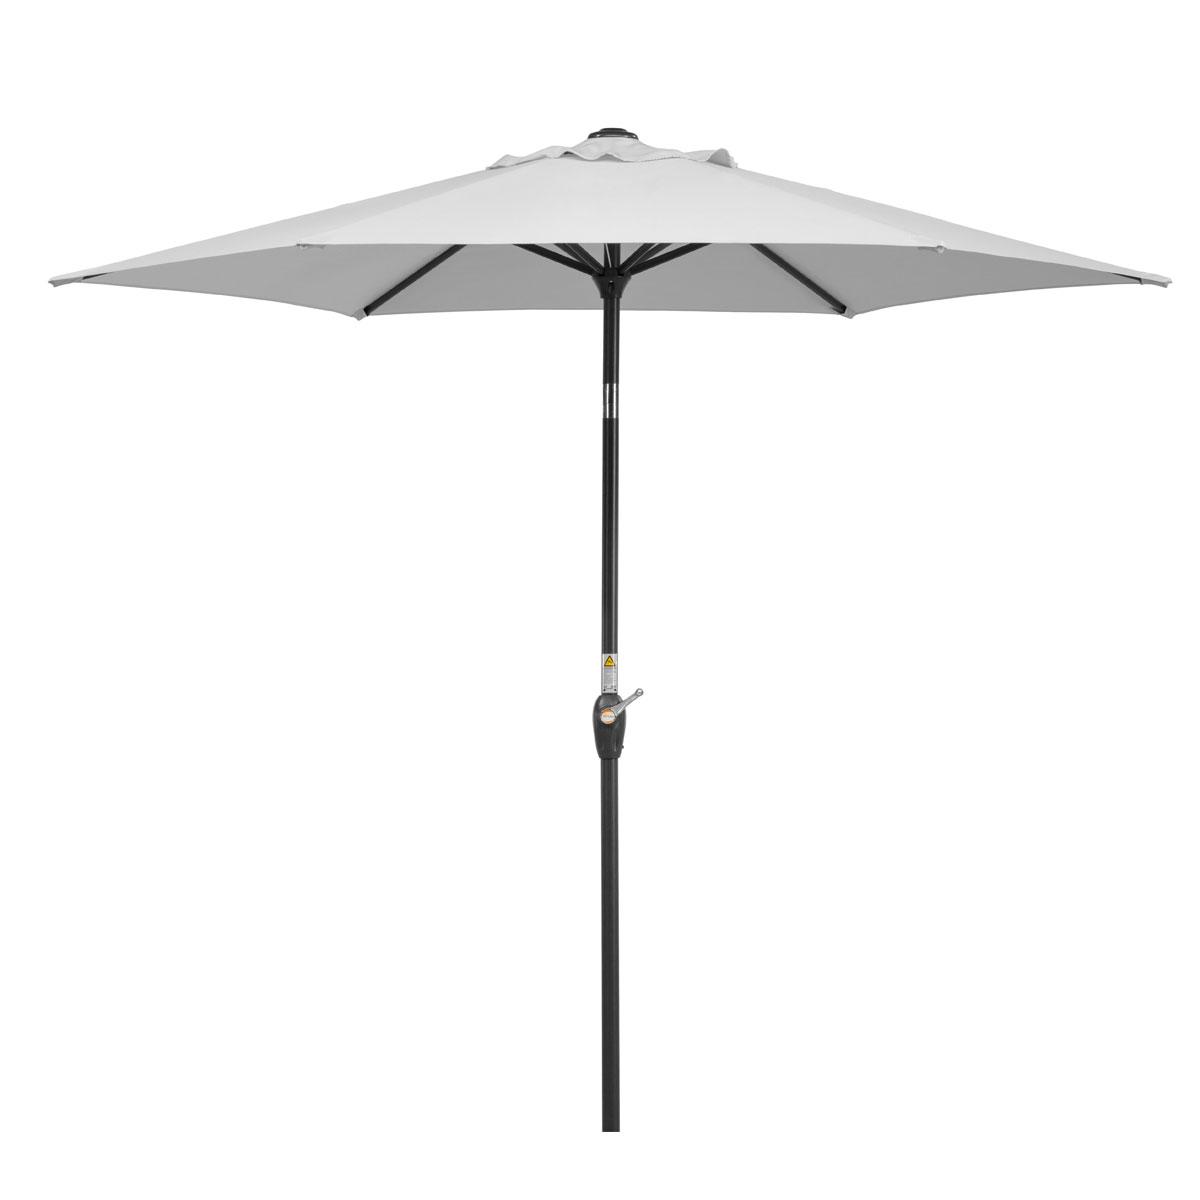 """Sonnenschirme und Sonnensegel - Schirm """"Bilbao 220 6"""", silbergrau  - Onlineshop Hellweg"""